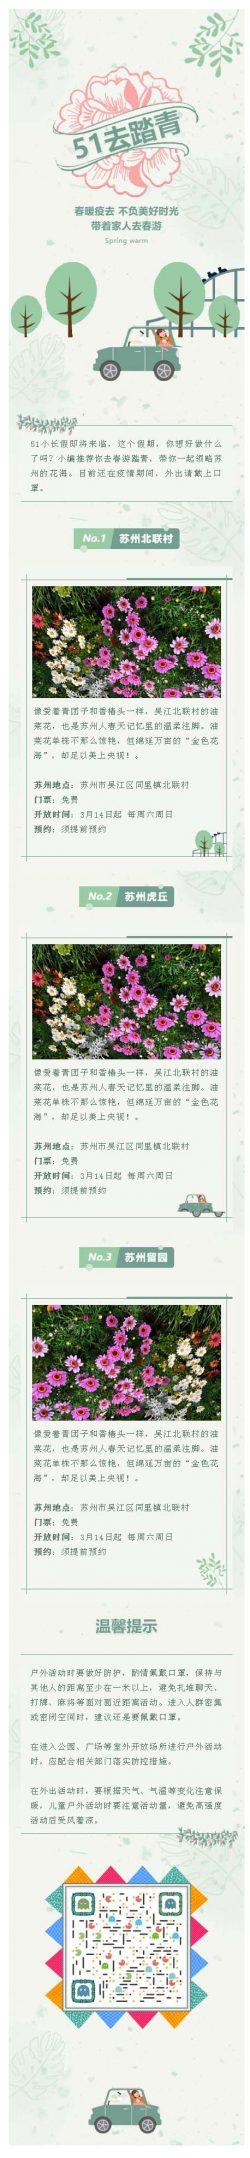 五一旅游动态花草小车绿色背景图微信文章模板劳动节推送图文素材推文